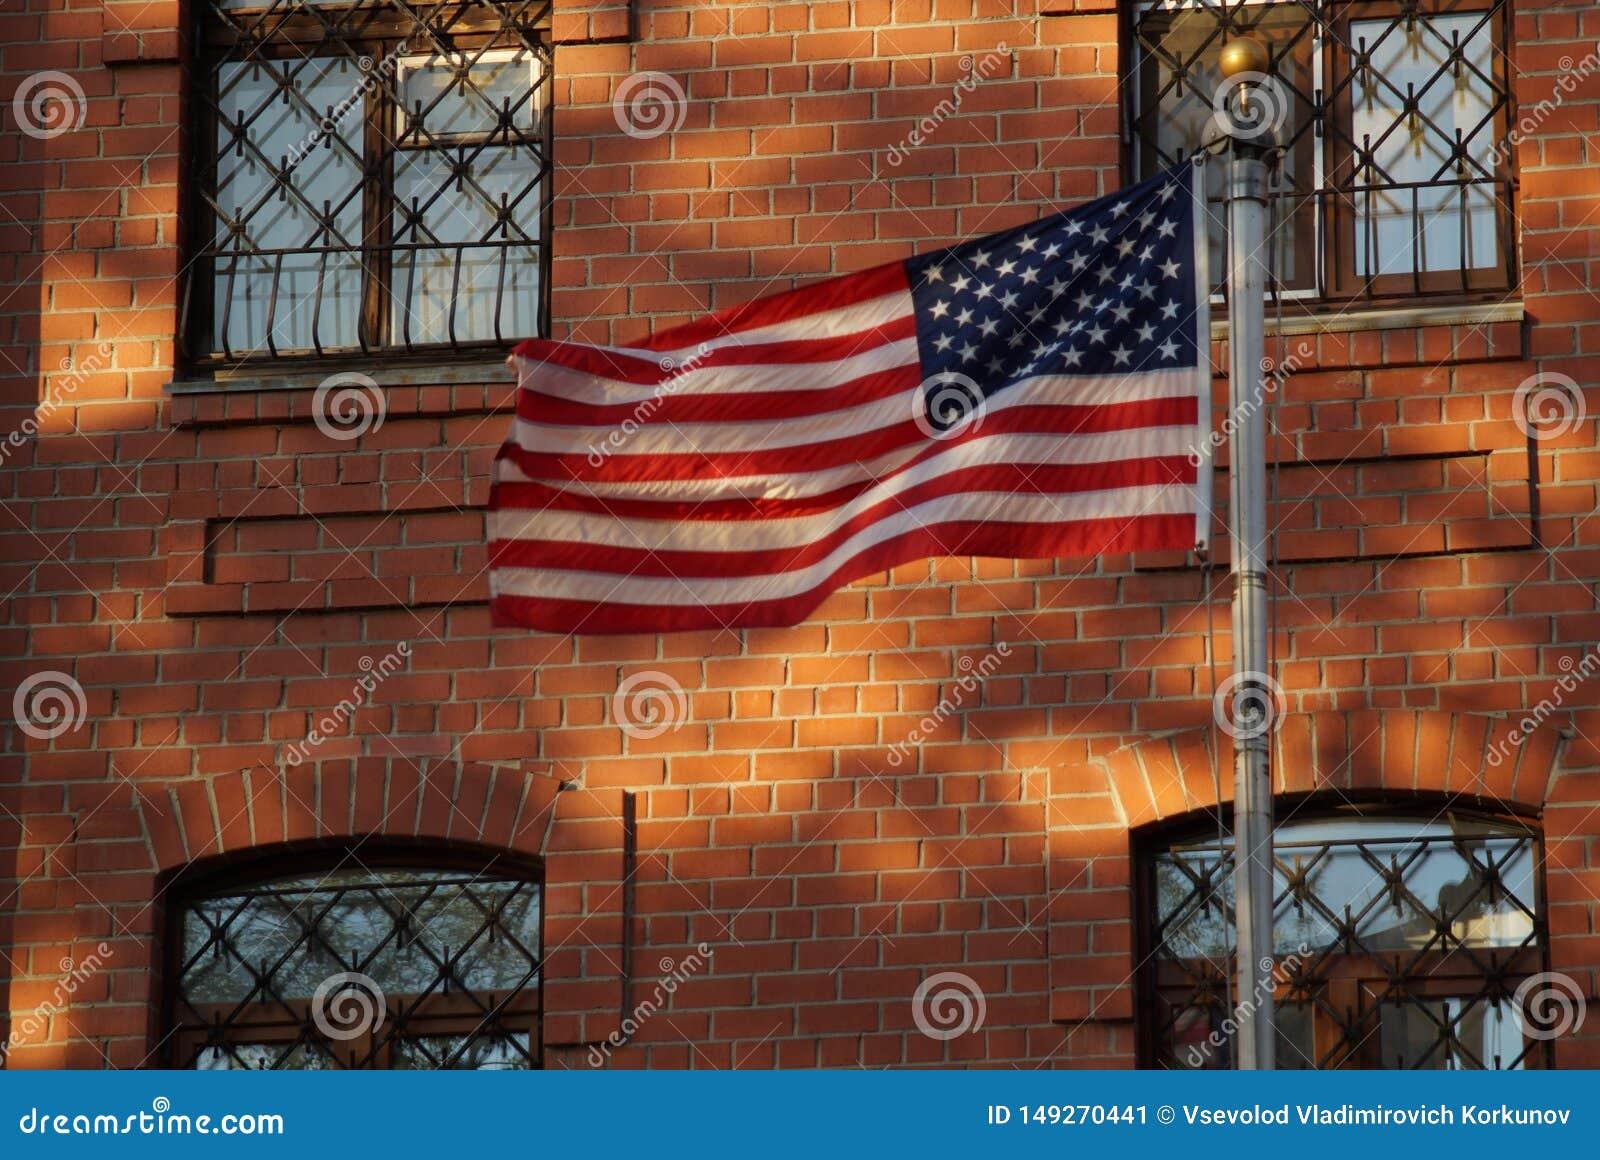 旗子是与门面一致的元素